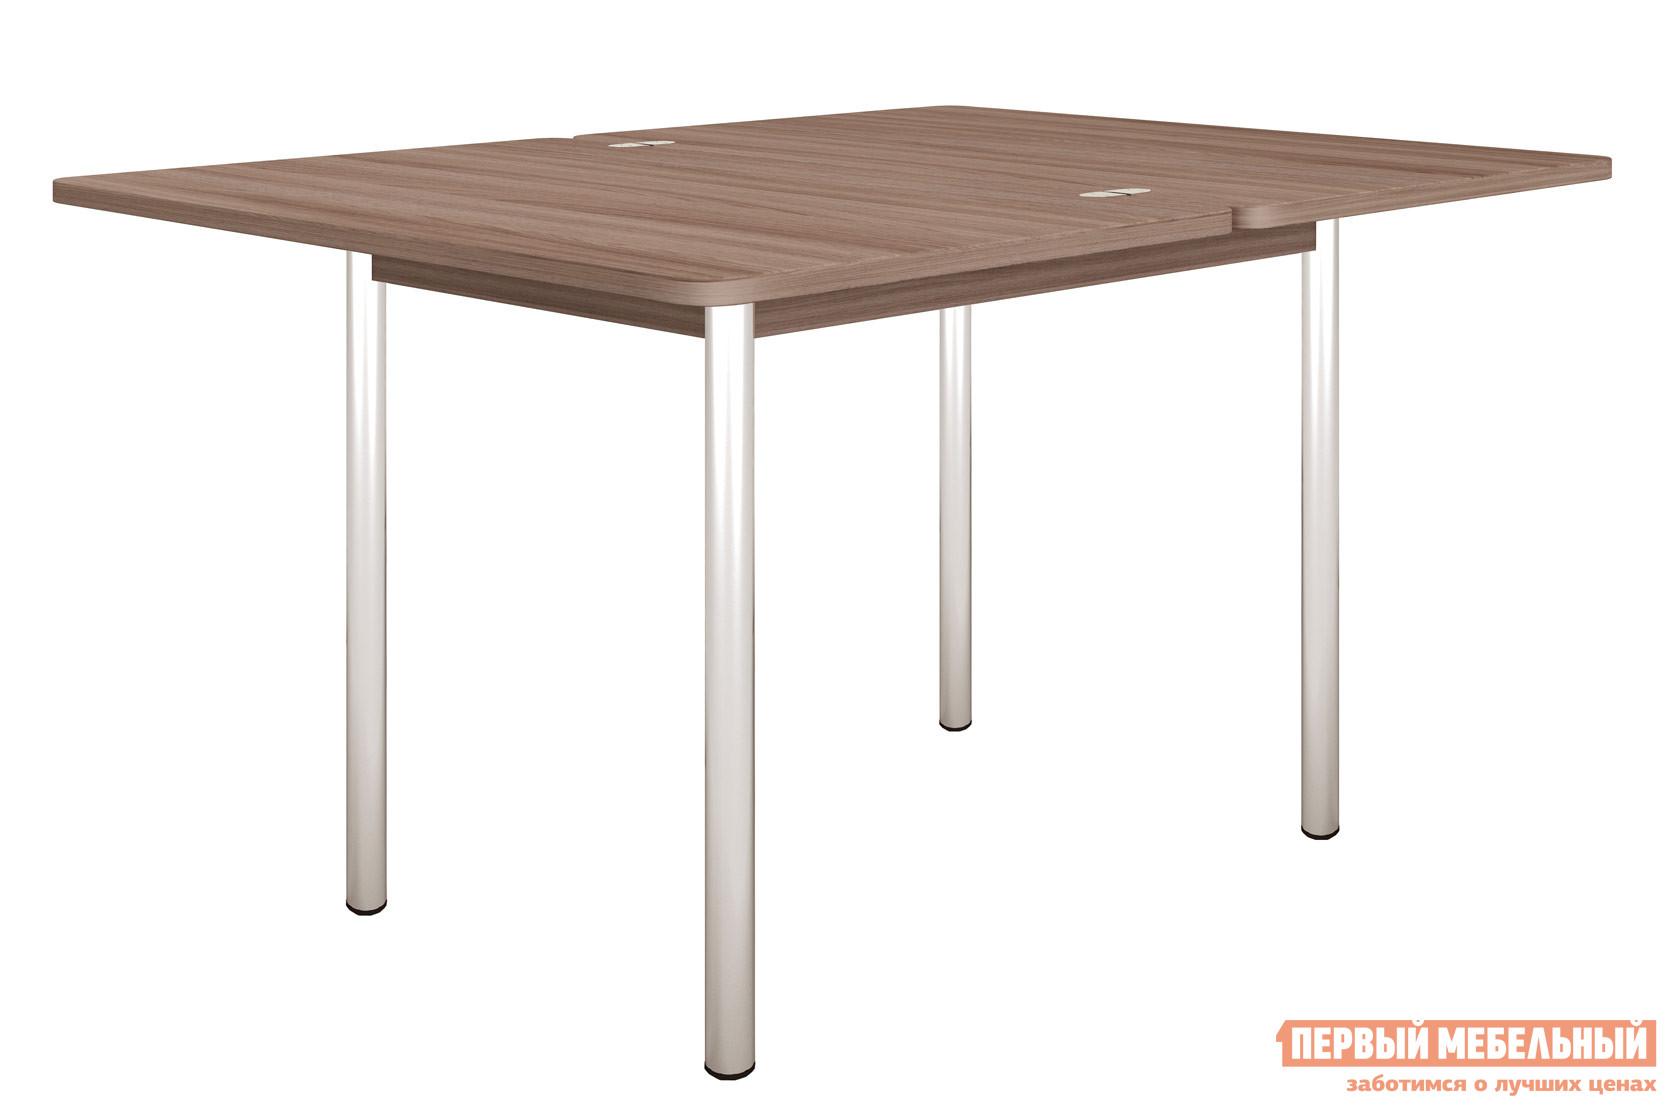 Кухонный стол Витра Орфей-1.2 Ясень Шимо темный